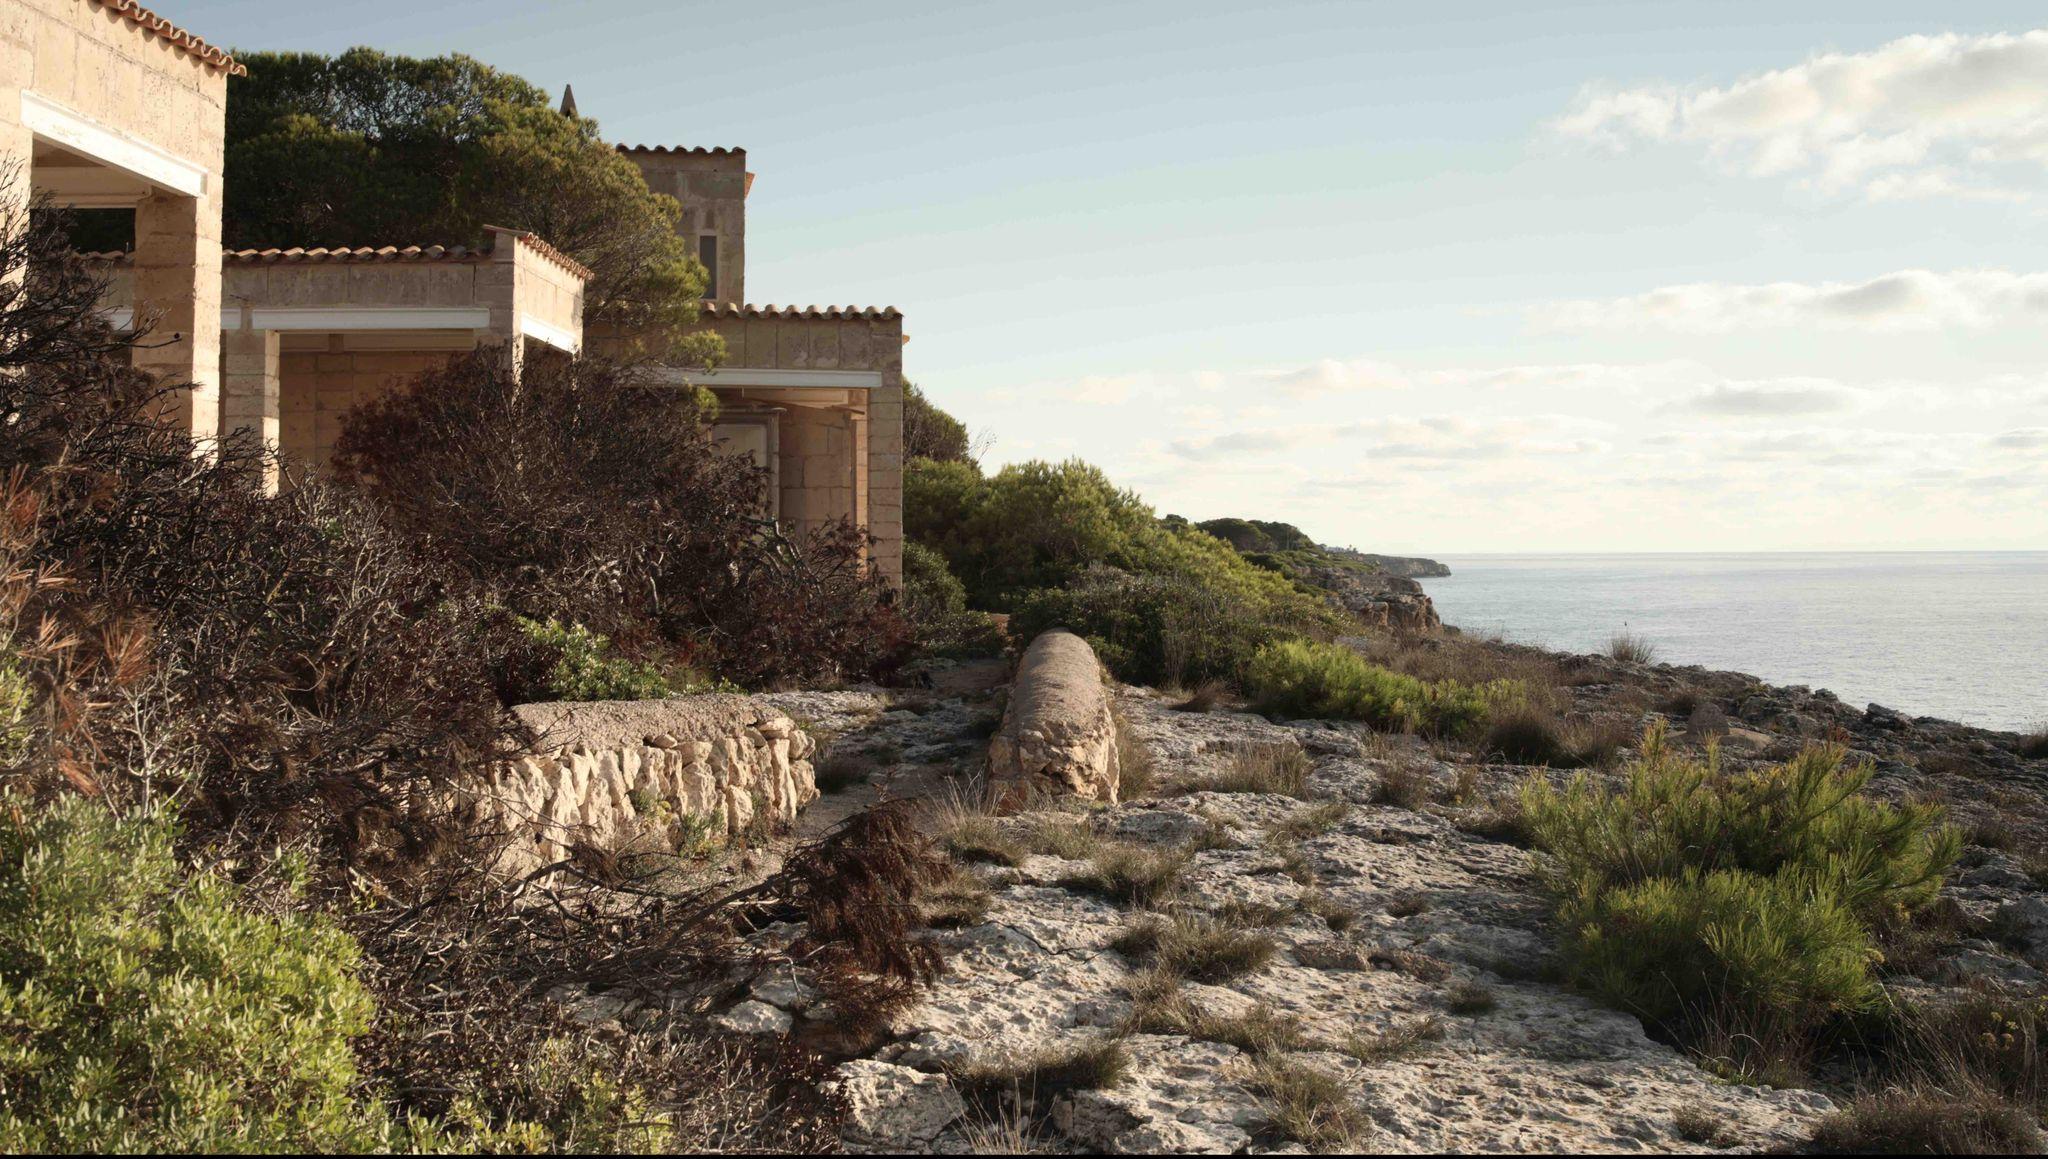 L'architetto fuggito dal nord che ha trovato rifugio in una casa fatta di sabbia e di mare